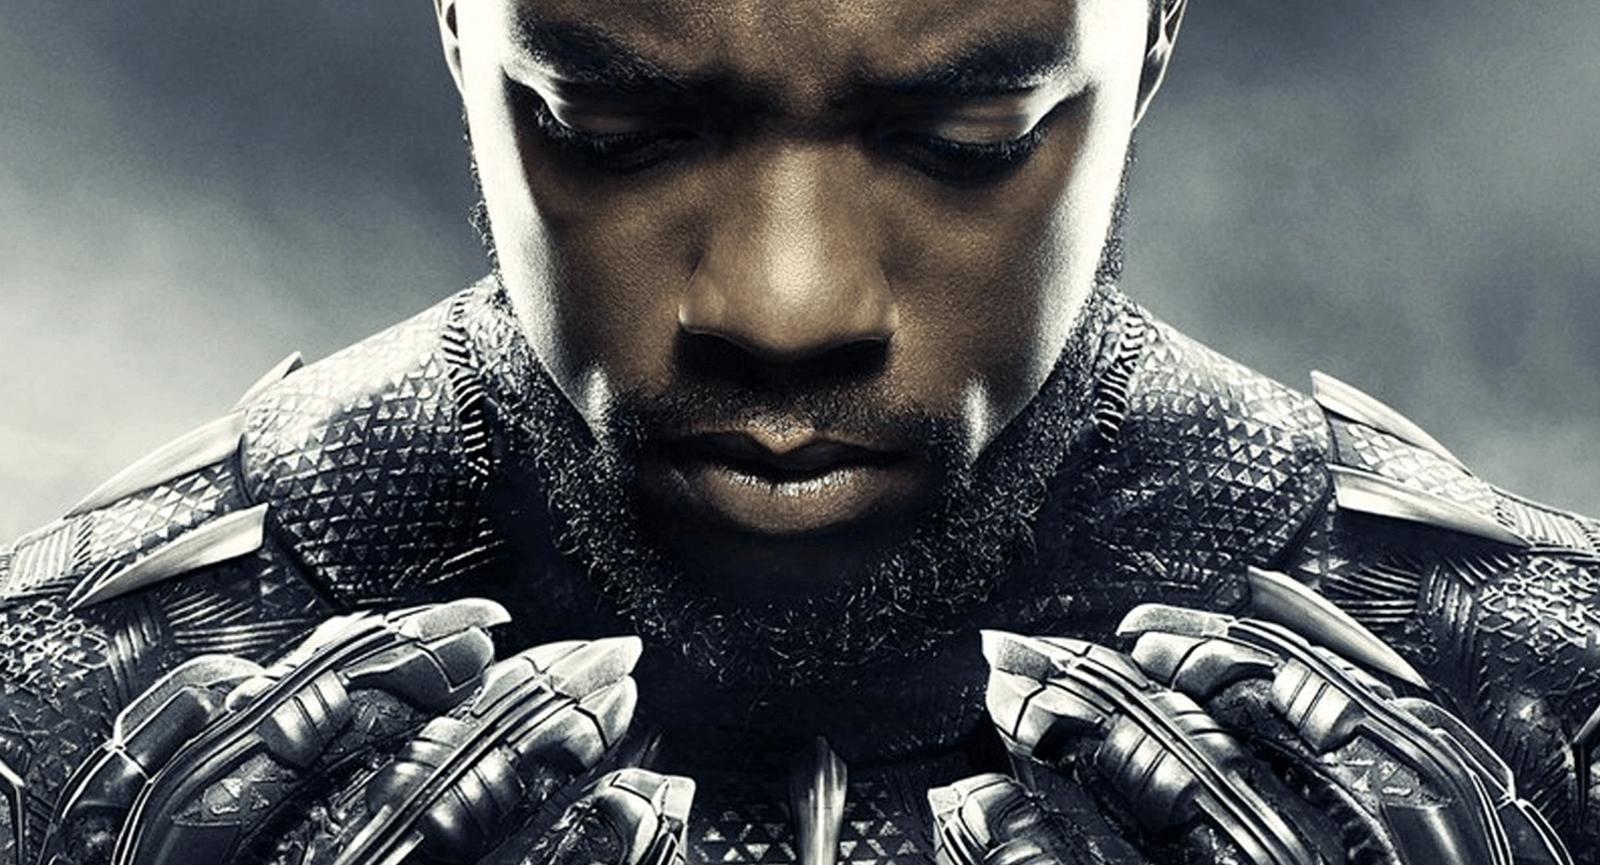 Comment Black Panther, film de tous les records, a bouleversé la société américaine